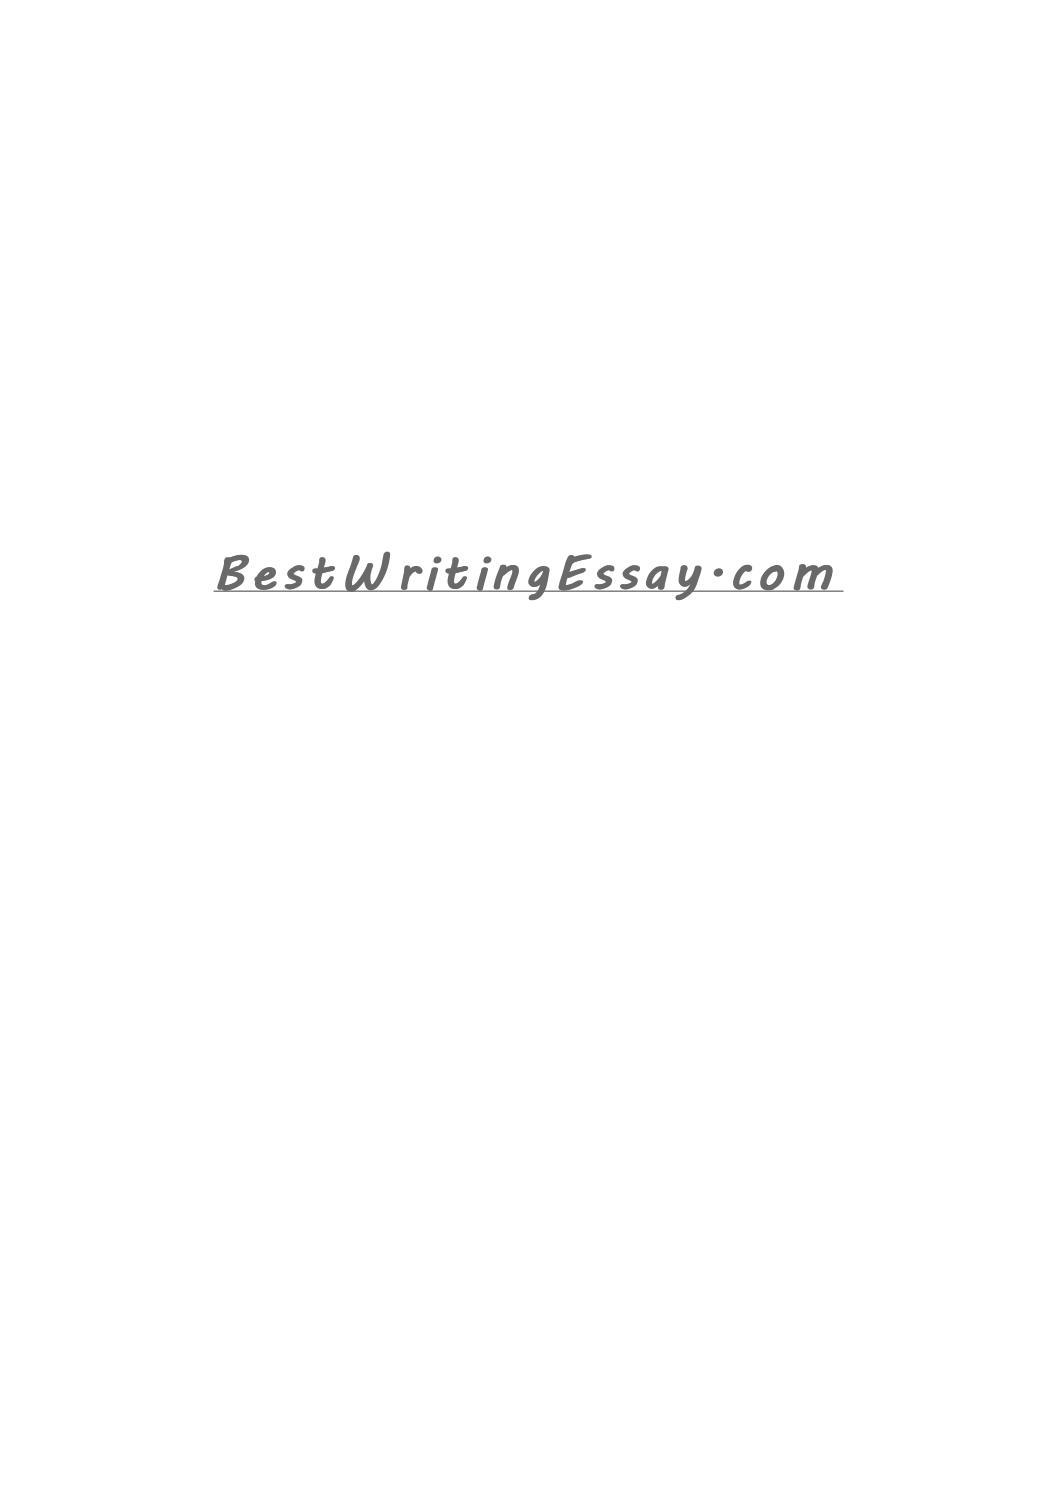 Get help creating resume